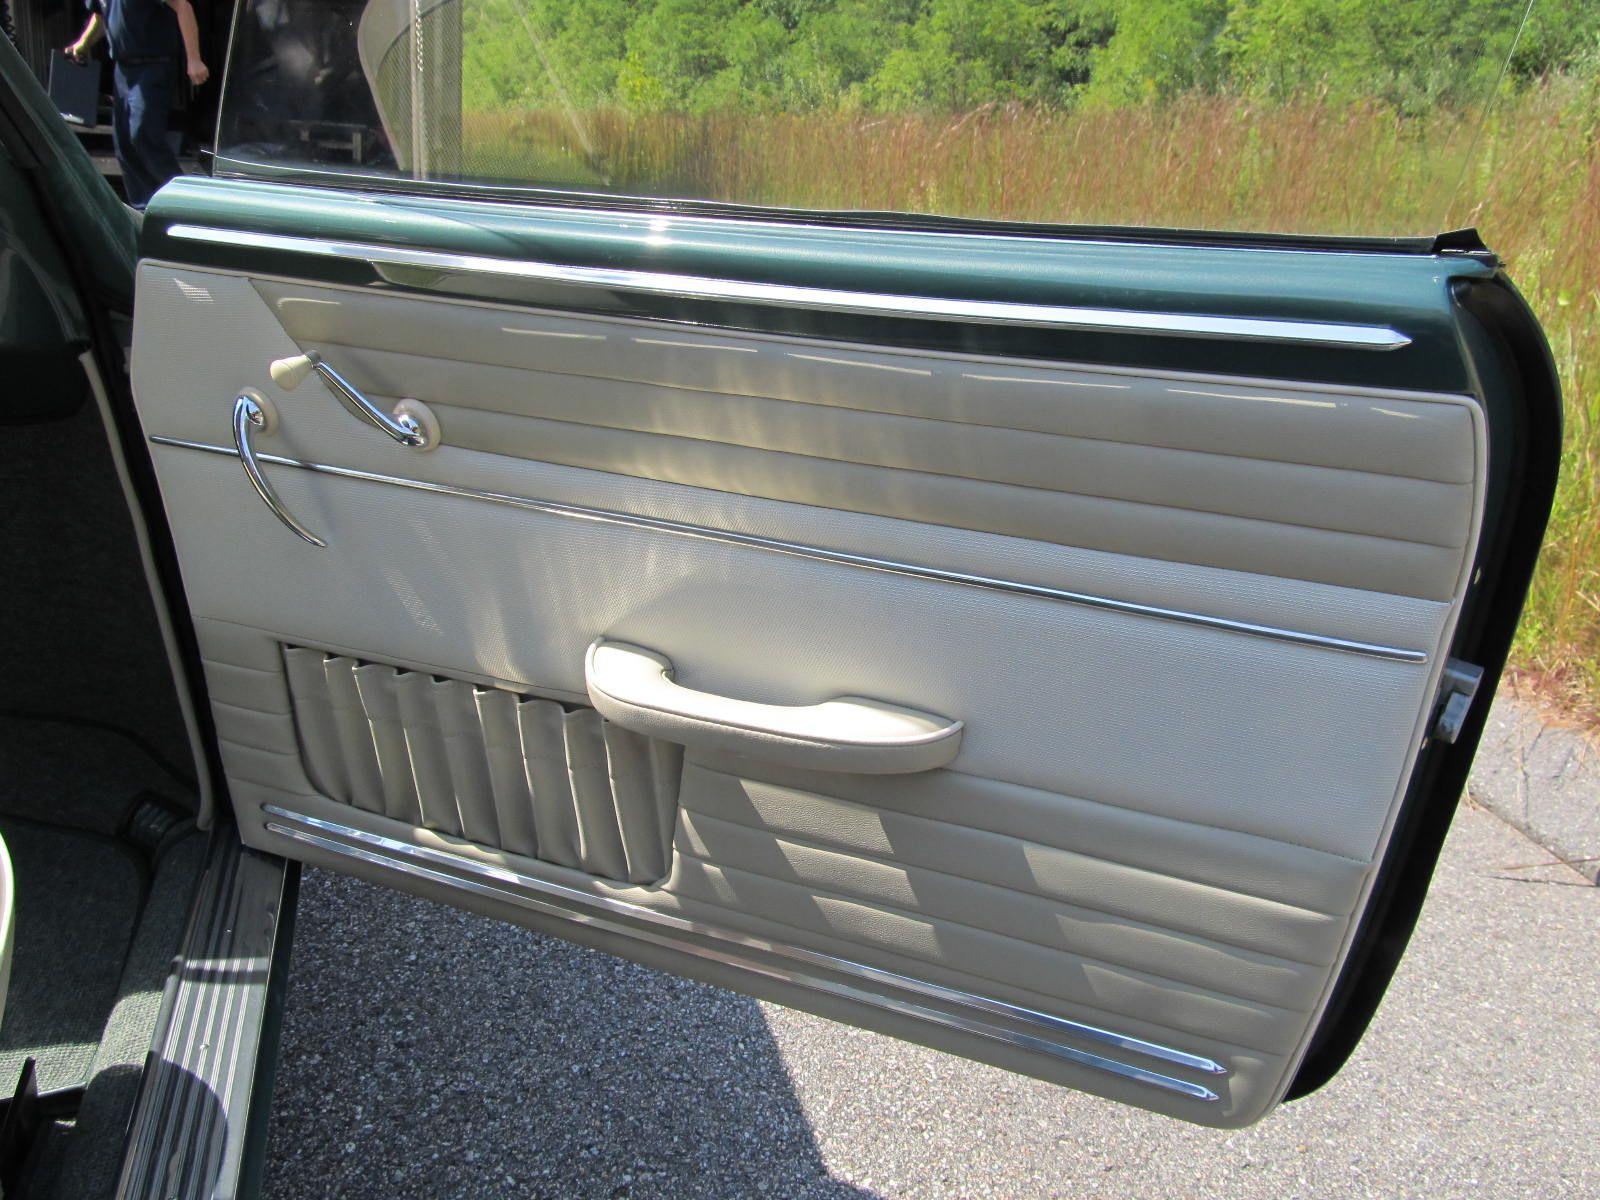 Look At That Door Panel Karmann Ghia Volkswagen Karmann Ghia Volkswagen Karmann